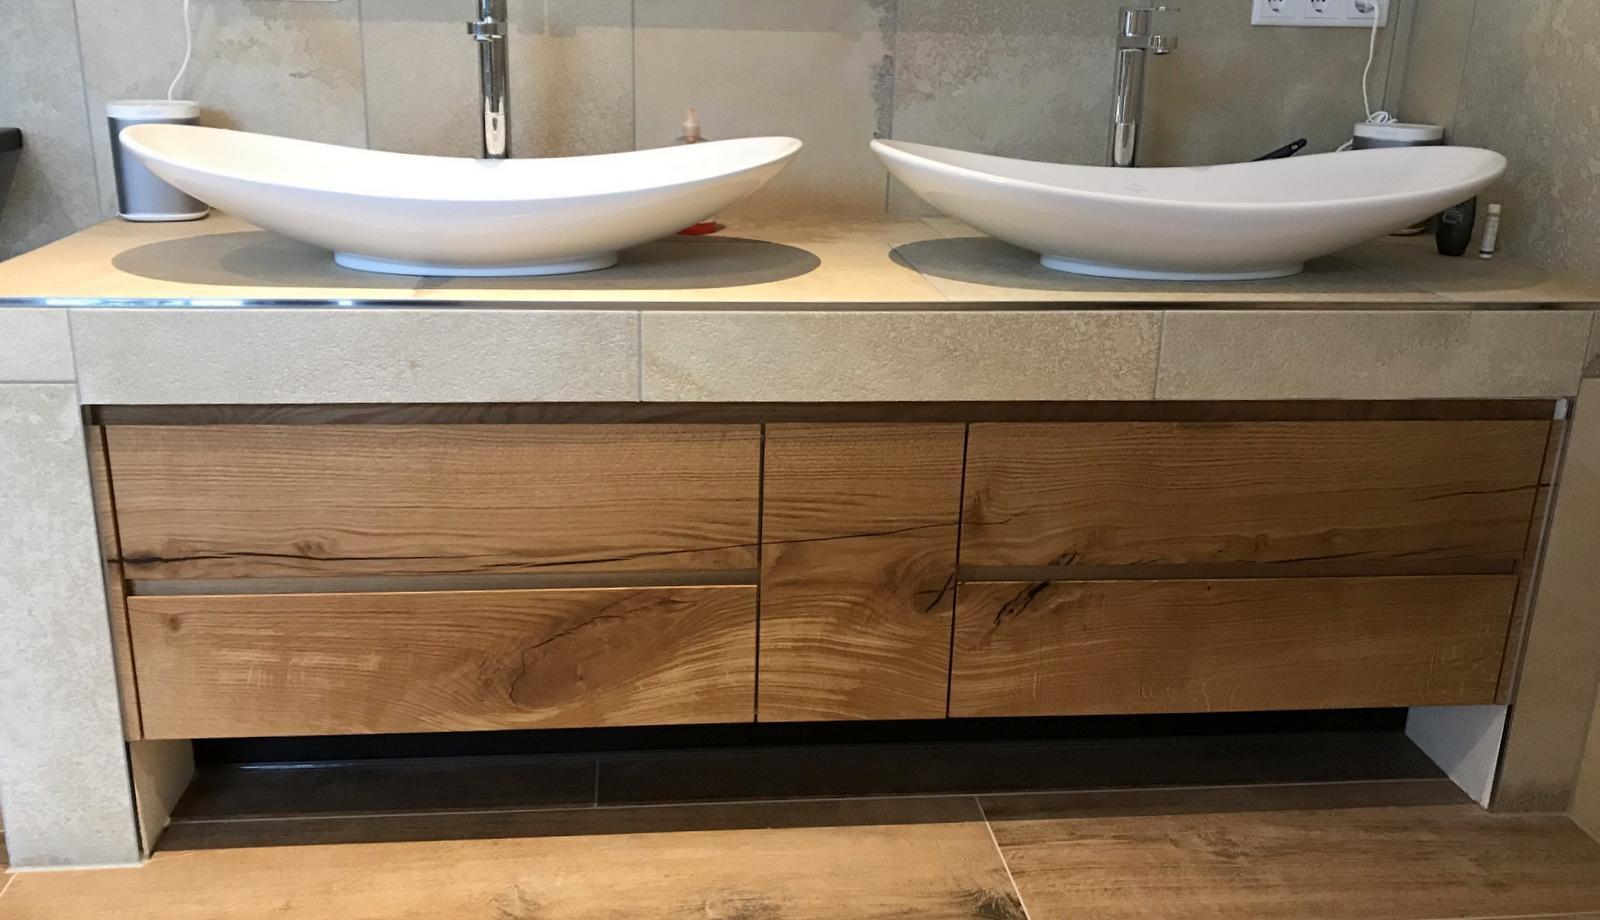 Waschbecken-Bilder: Kreative Ideen für\'s Badezimmer!